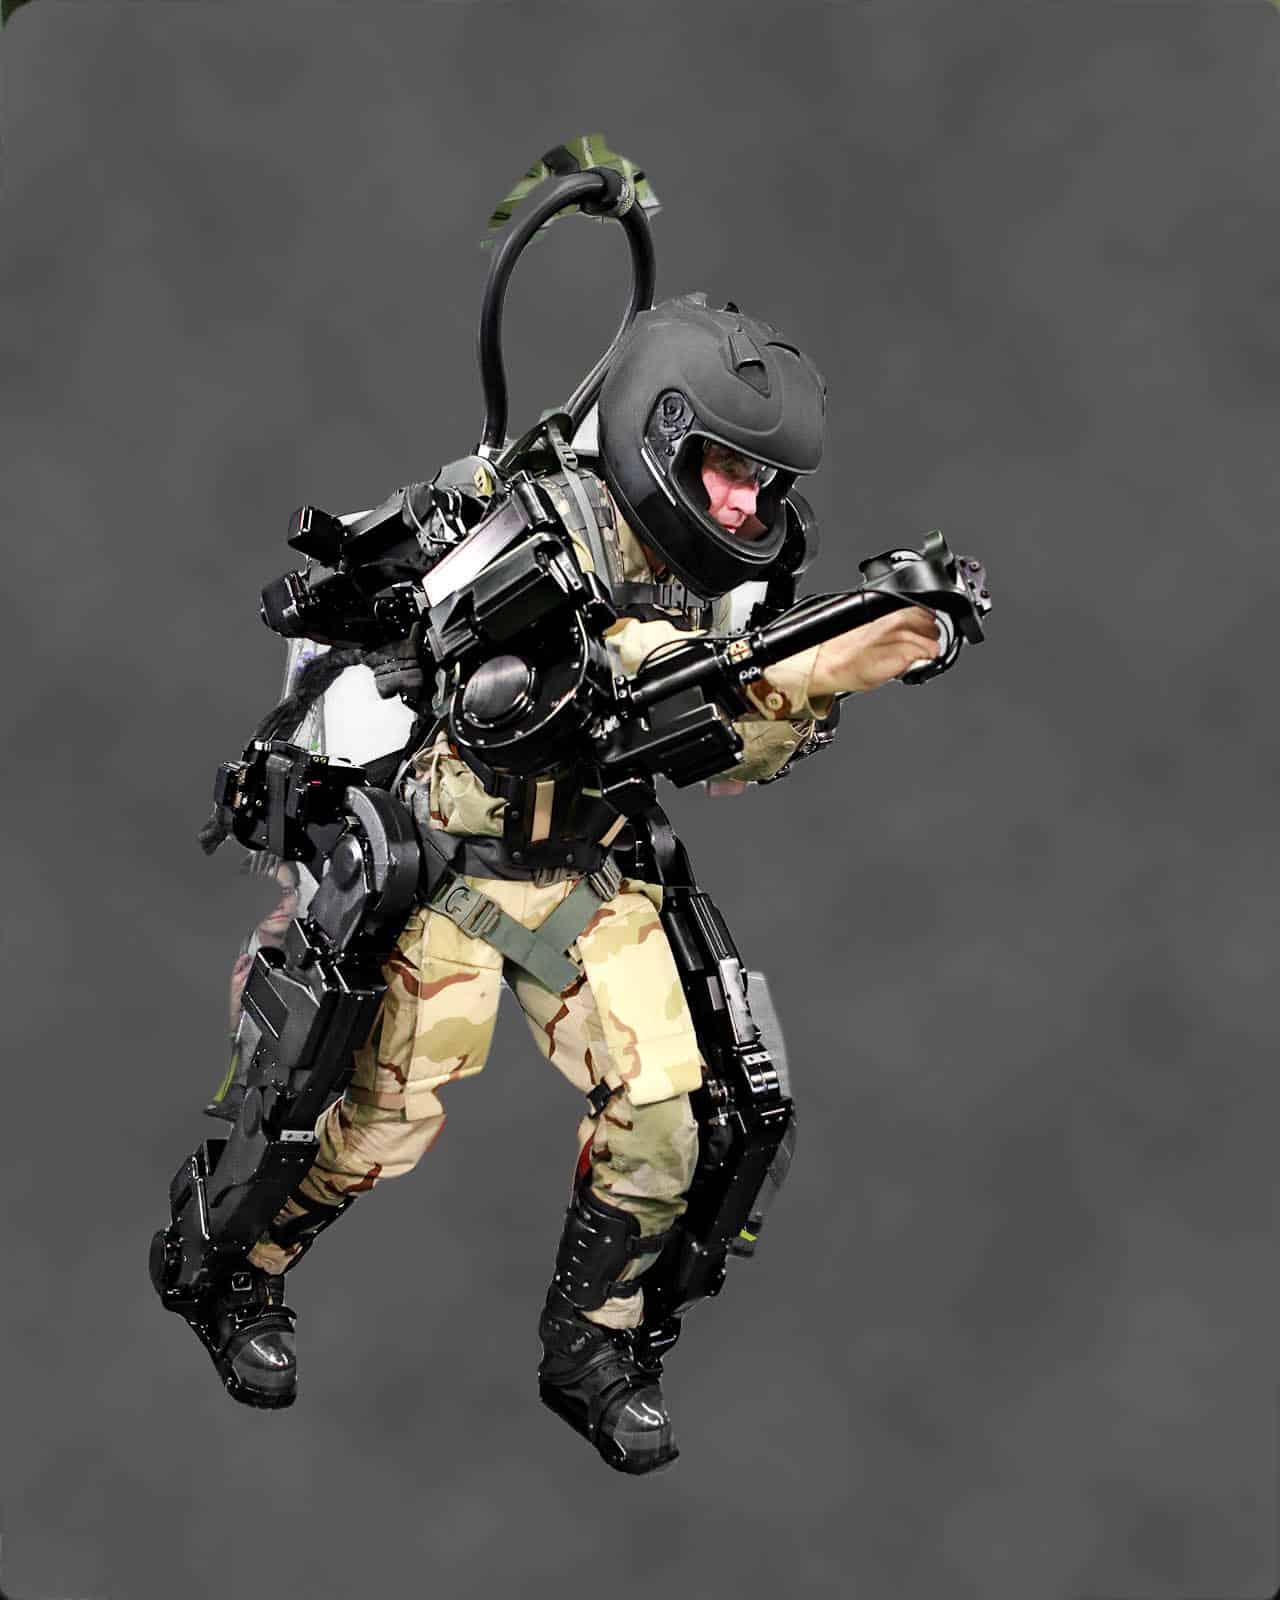 xos-2-exoskeleton